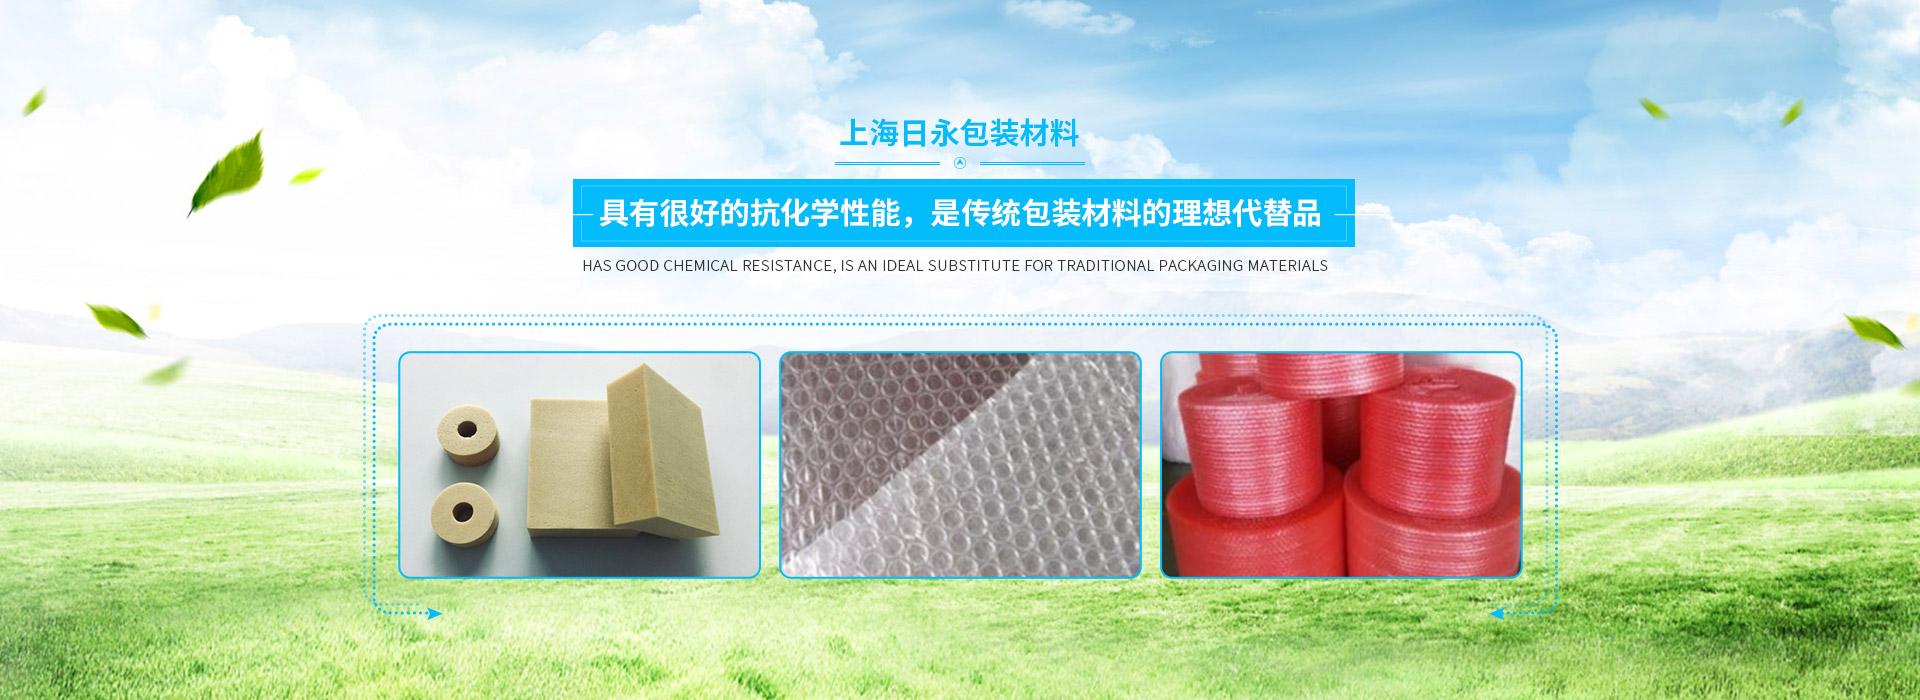 上海日永包装材料有限公司